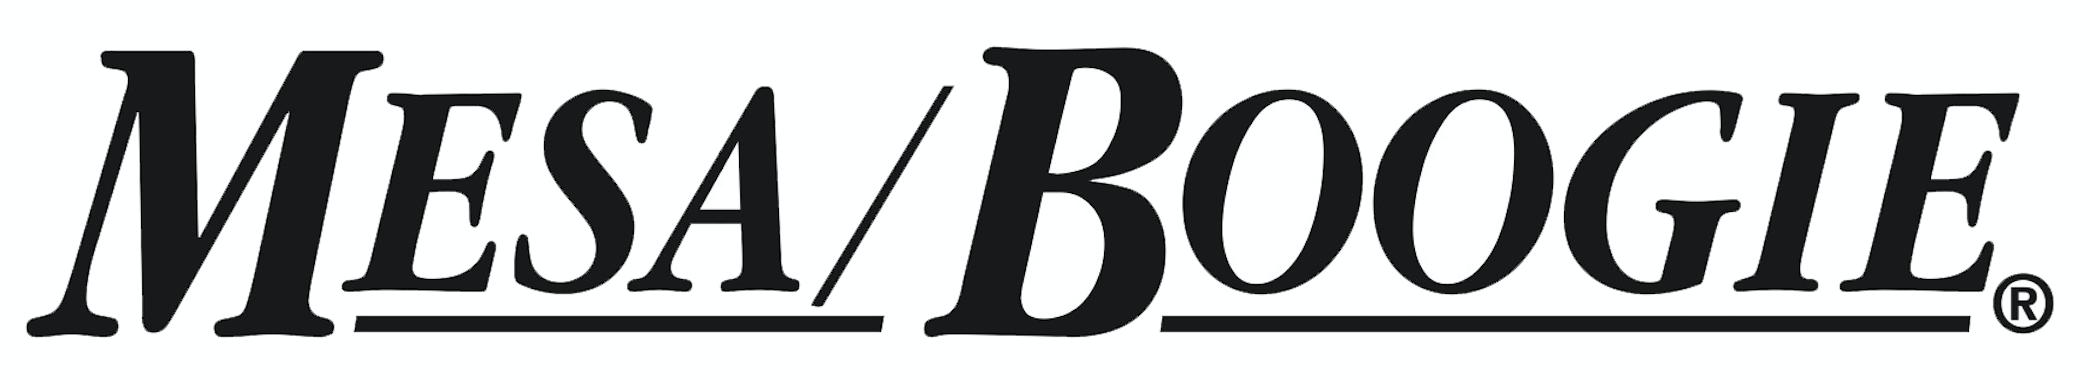 mesa boogie logo